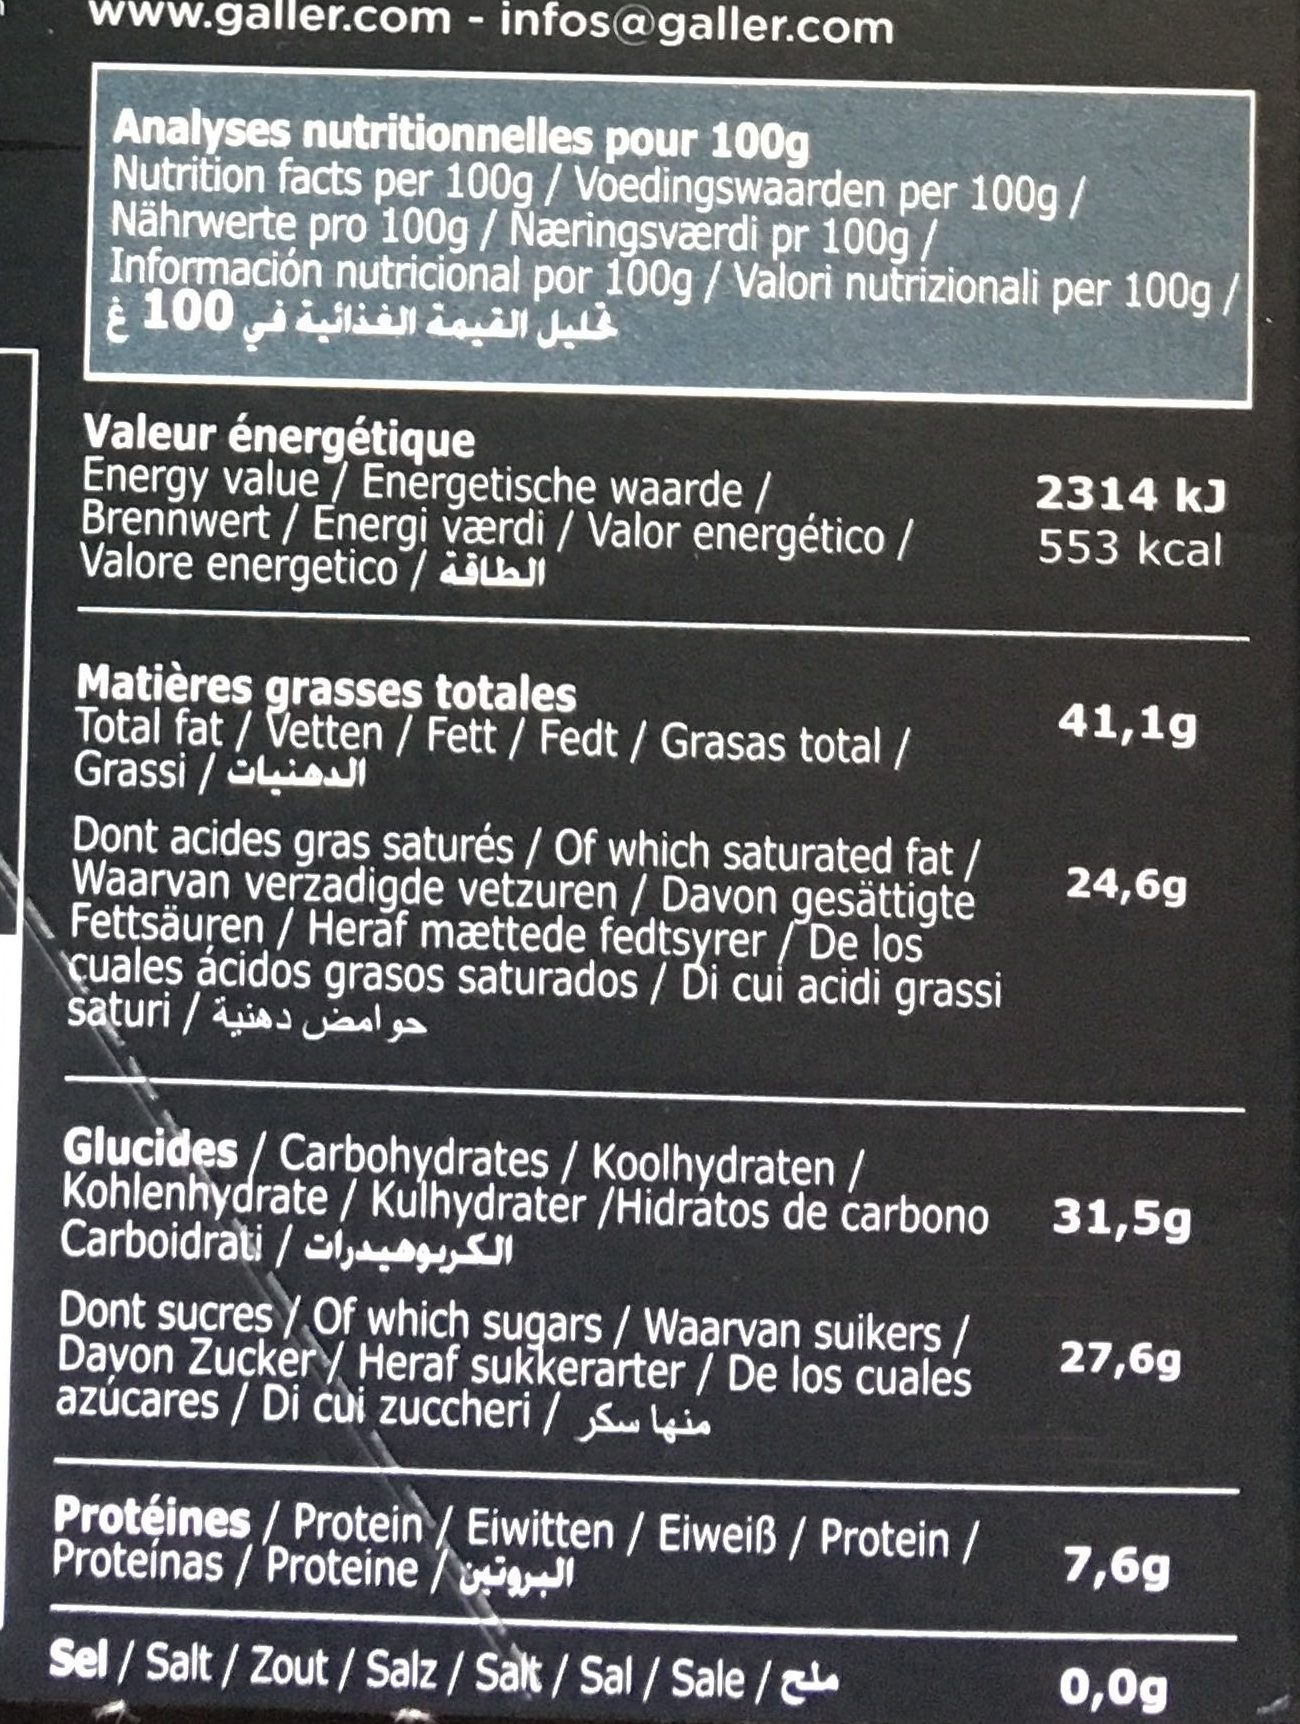 Tablette Galler Noir 70% Orange - Informations nutritionnelles - fr